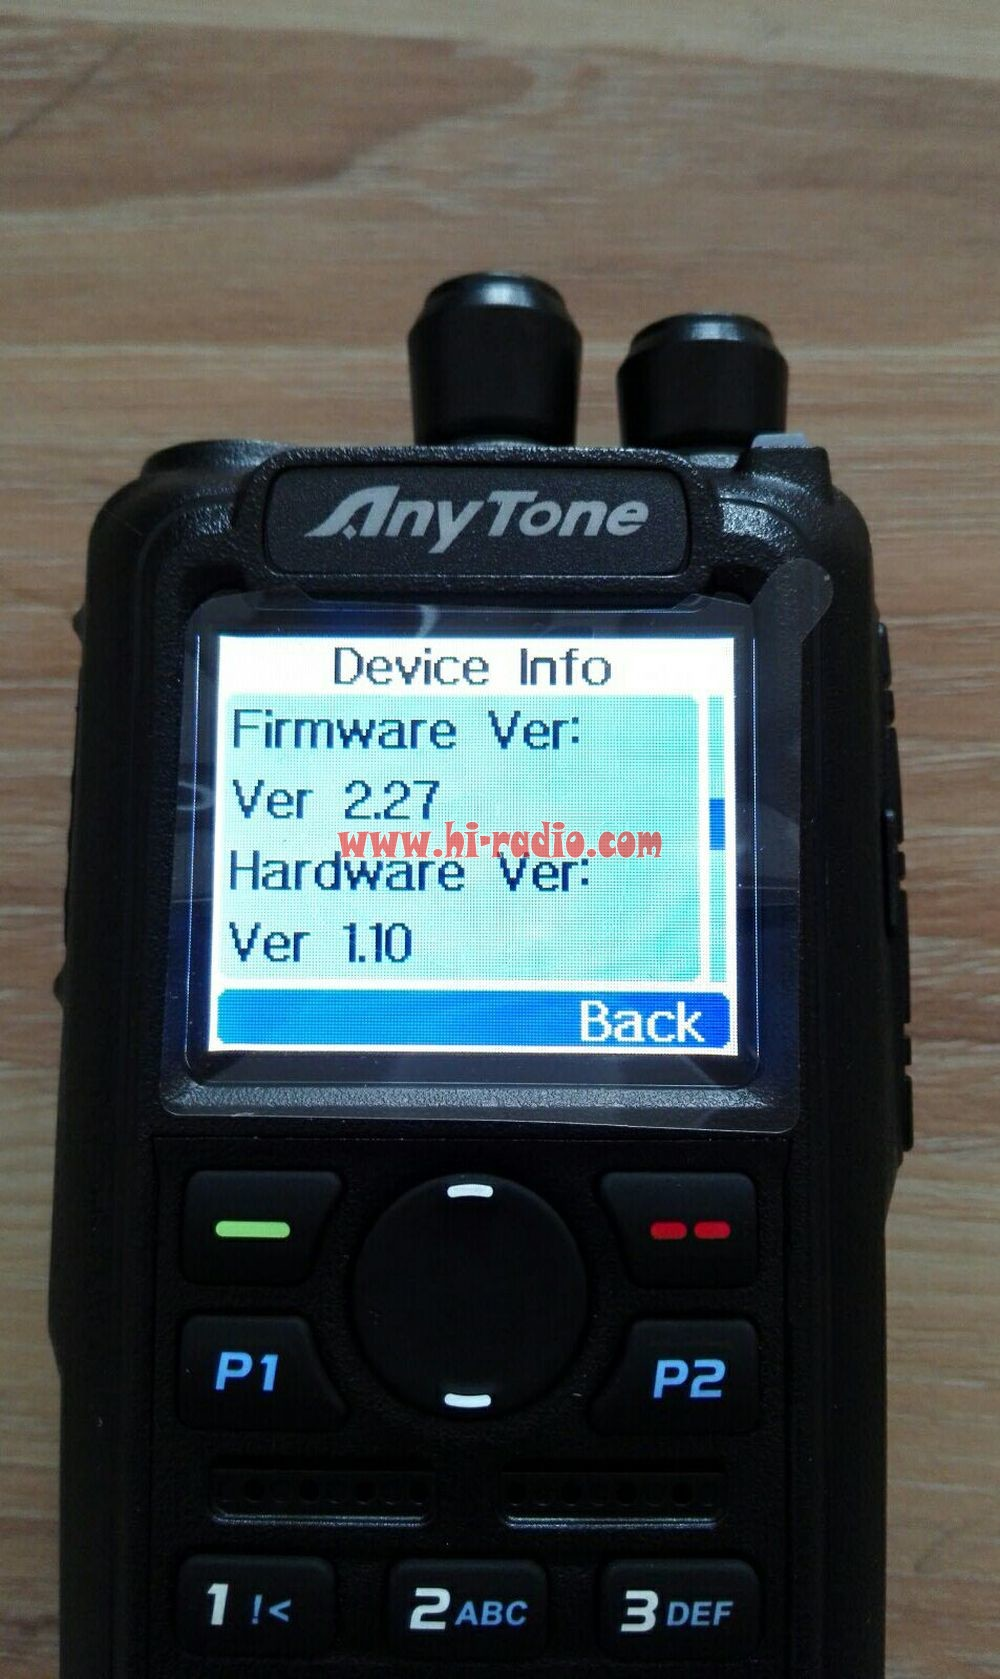 Anytone AT-D868UV Firmware 2 27 GPS DMR Dual-band Two Way Radio